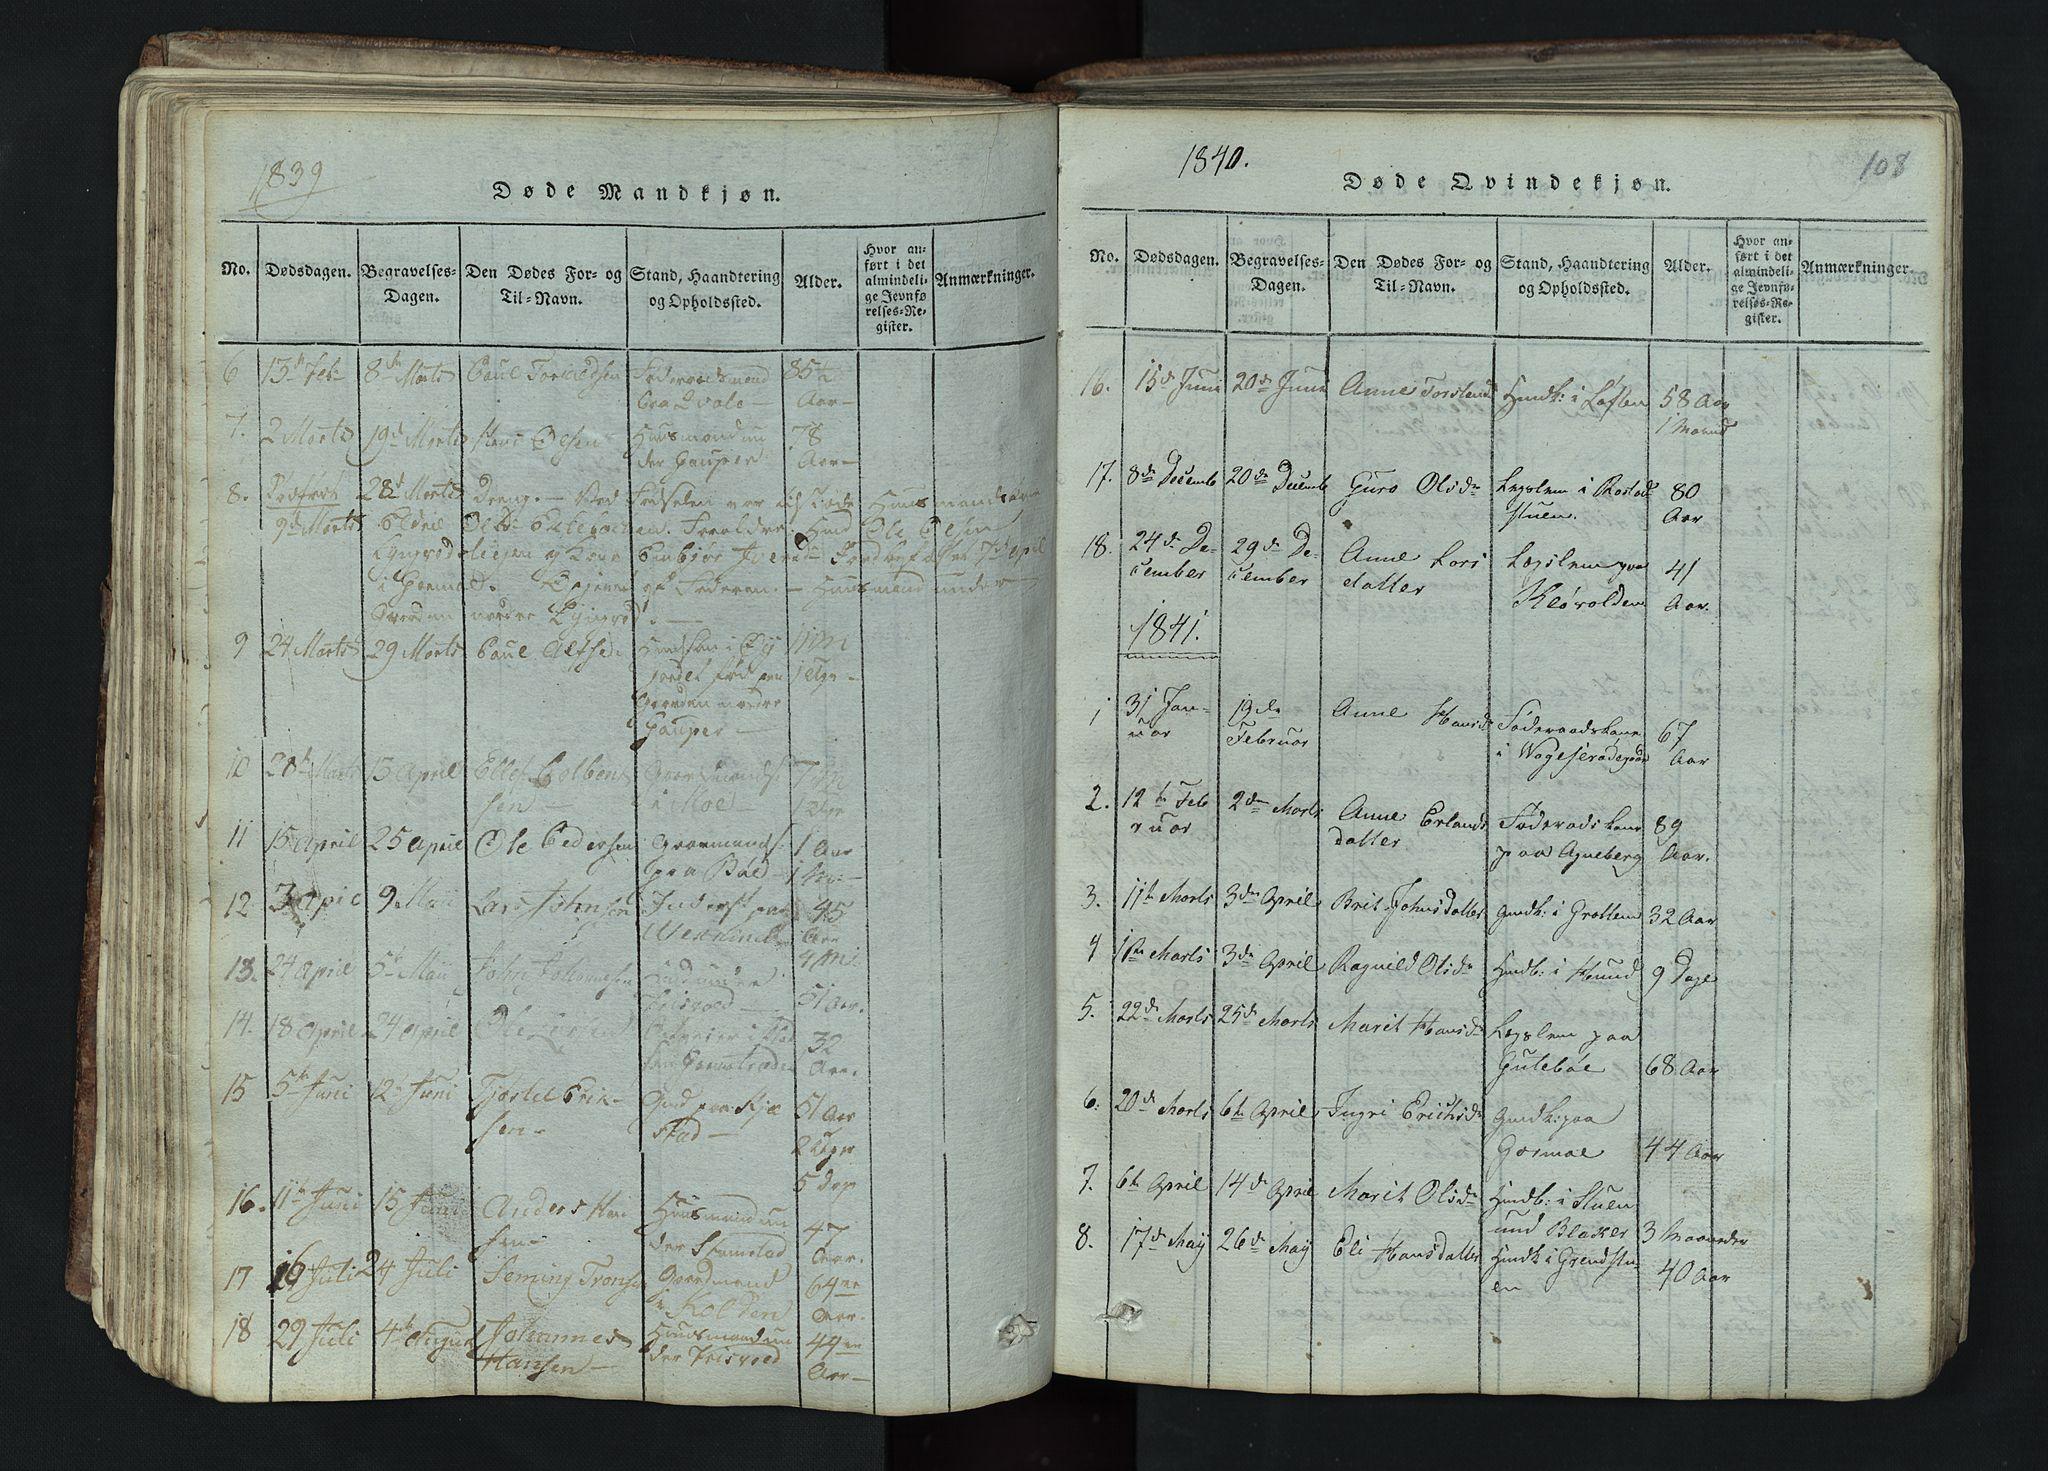 SAH, Lom prestekontor, L/L0002: Klokkerbok nr. 2, 1815-1844, s. 108